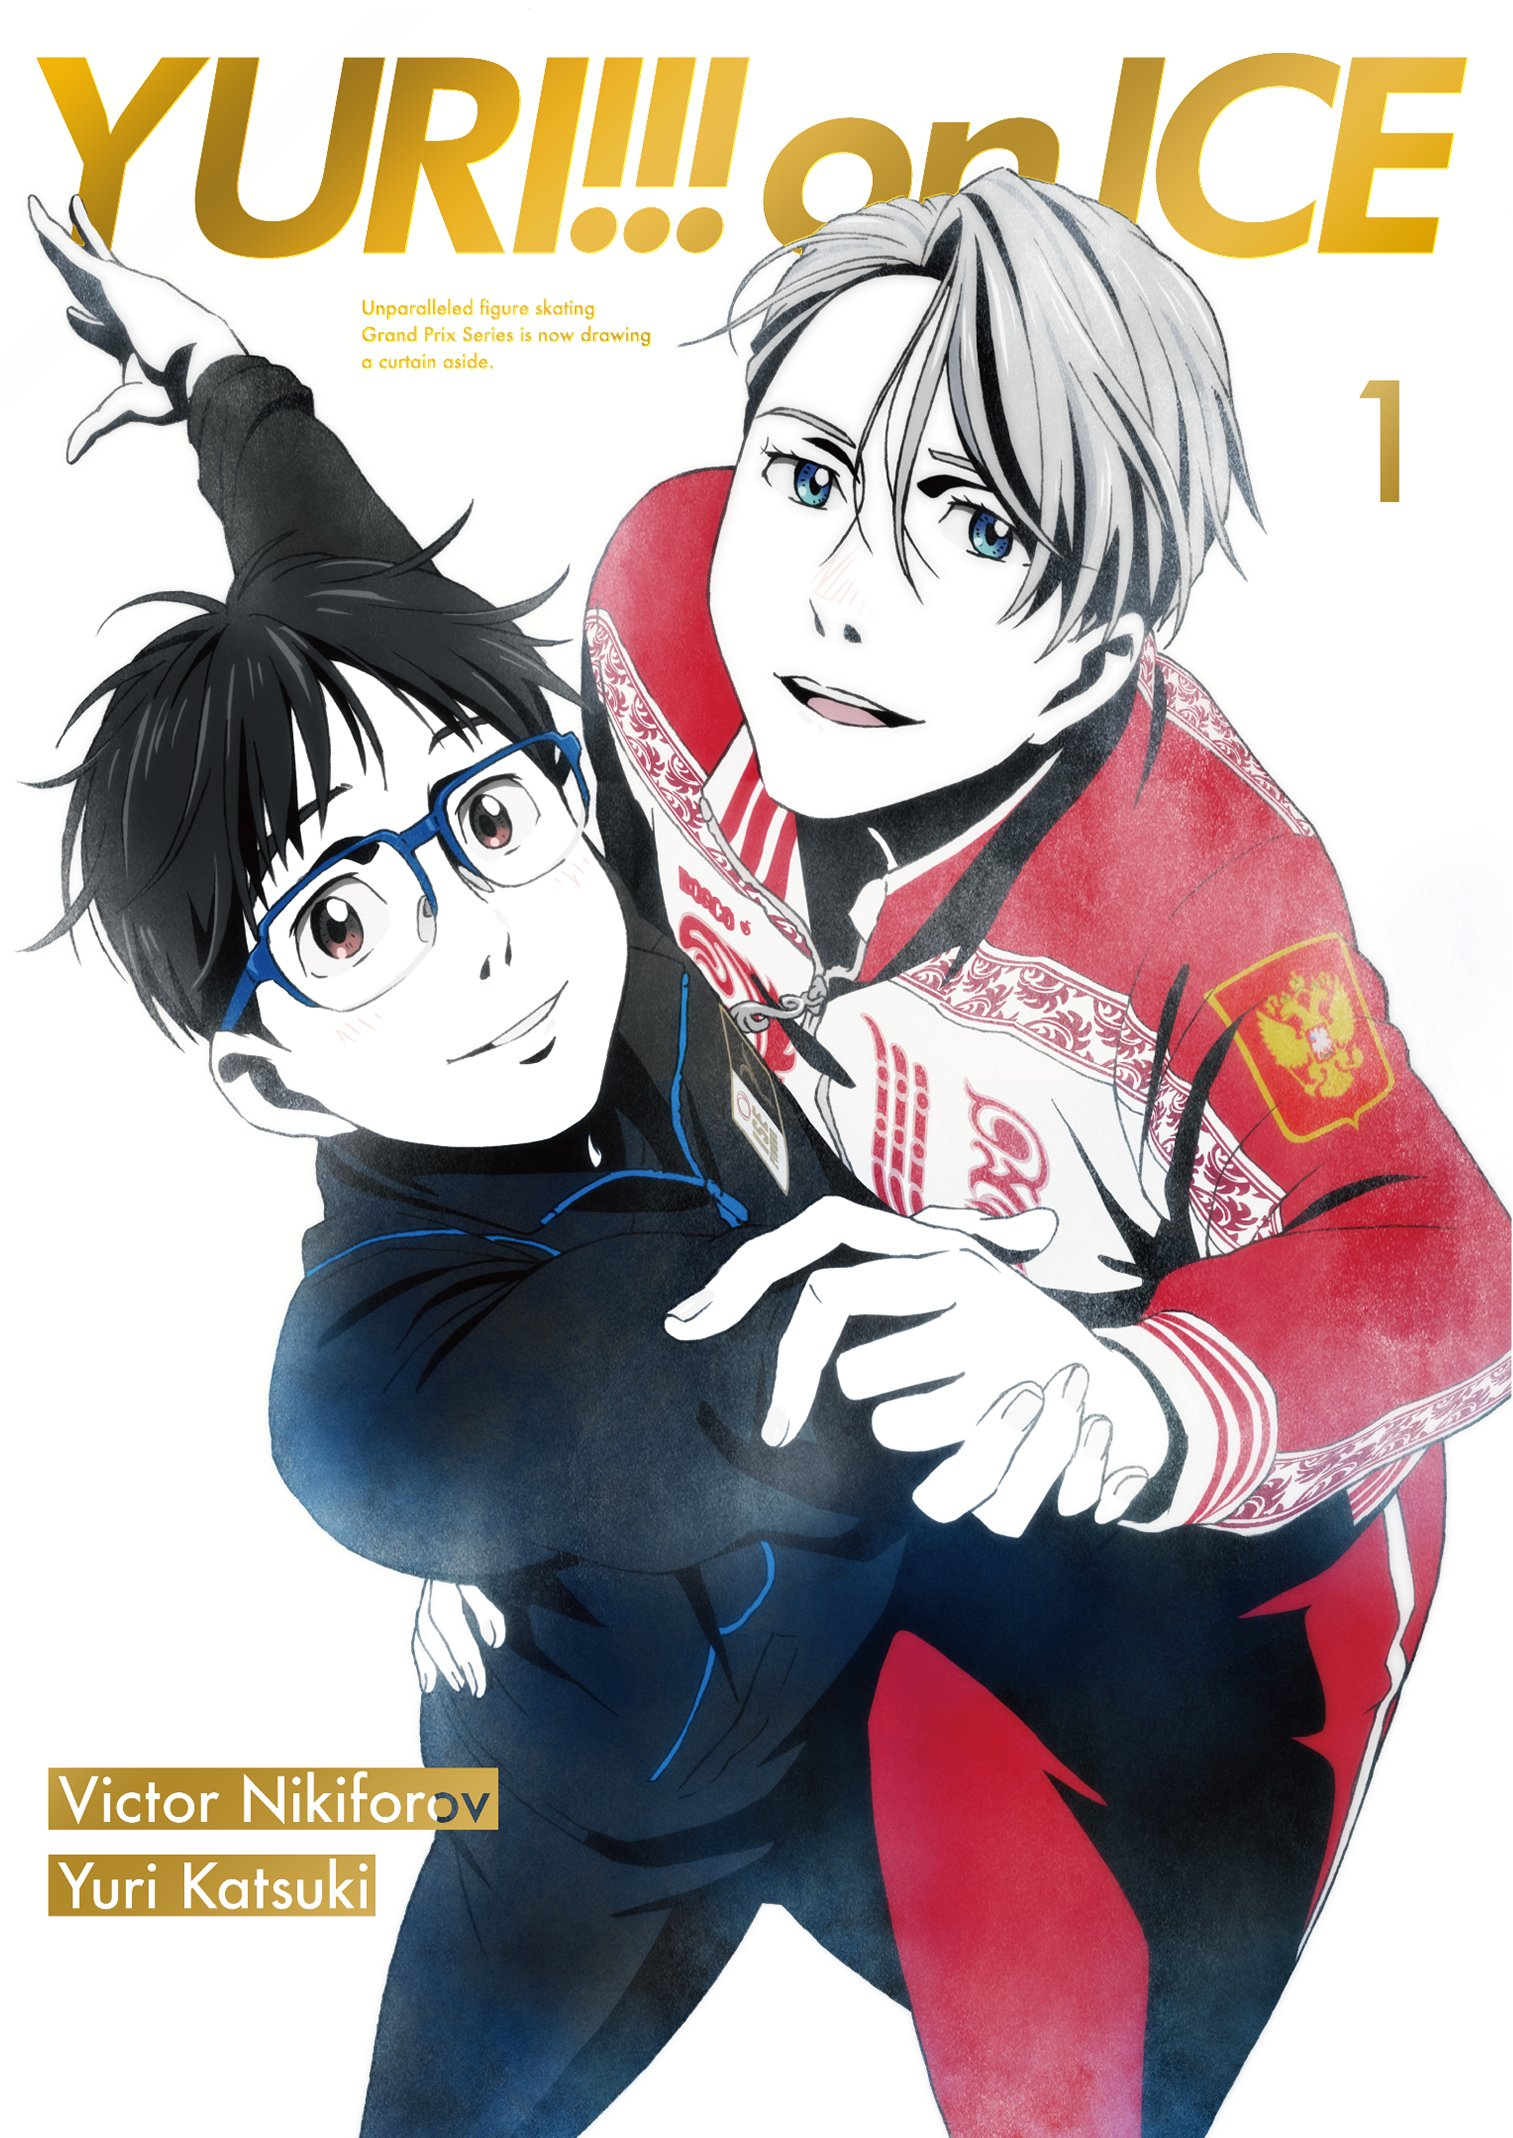 IncendiaryLemon's Anime Reviews: Yuri on Ice Review